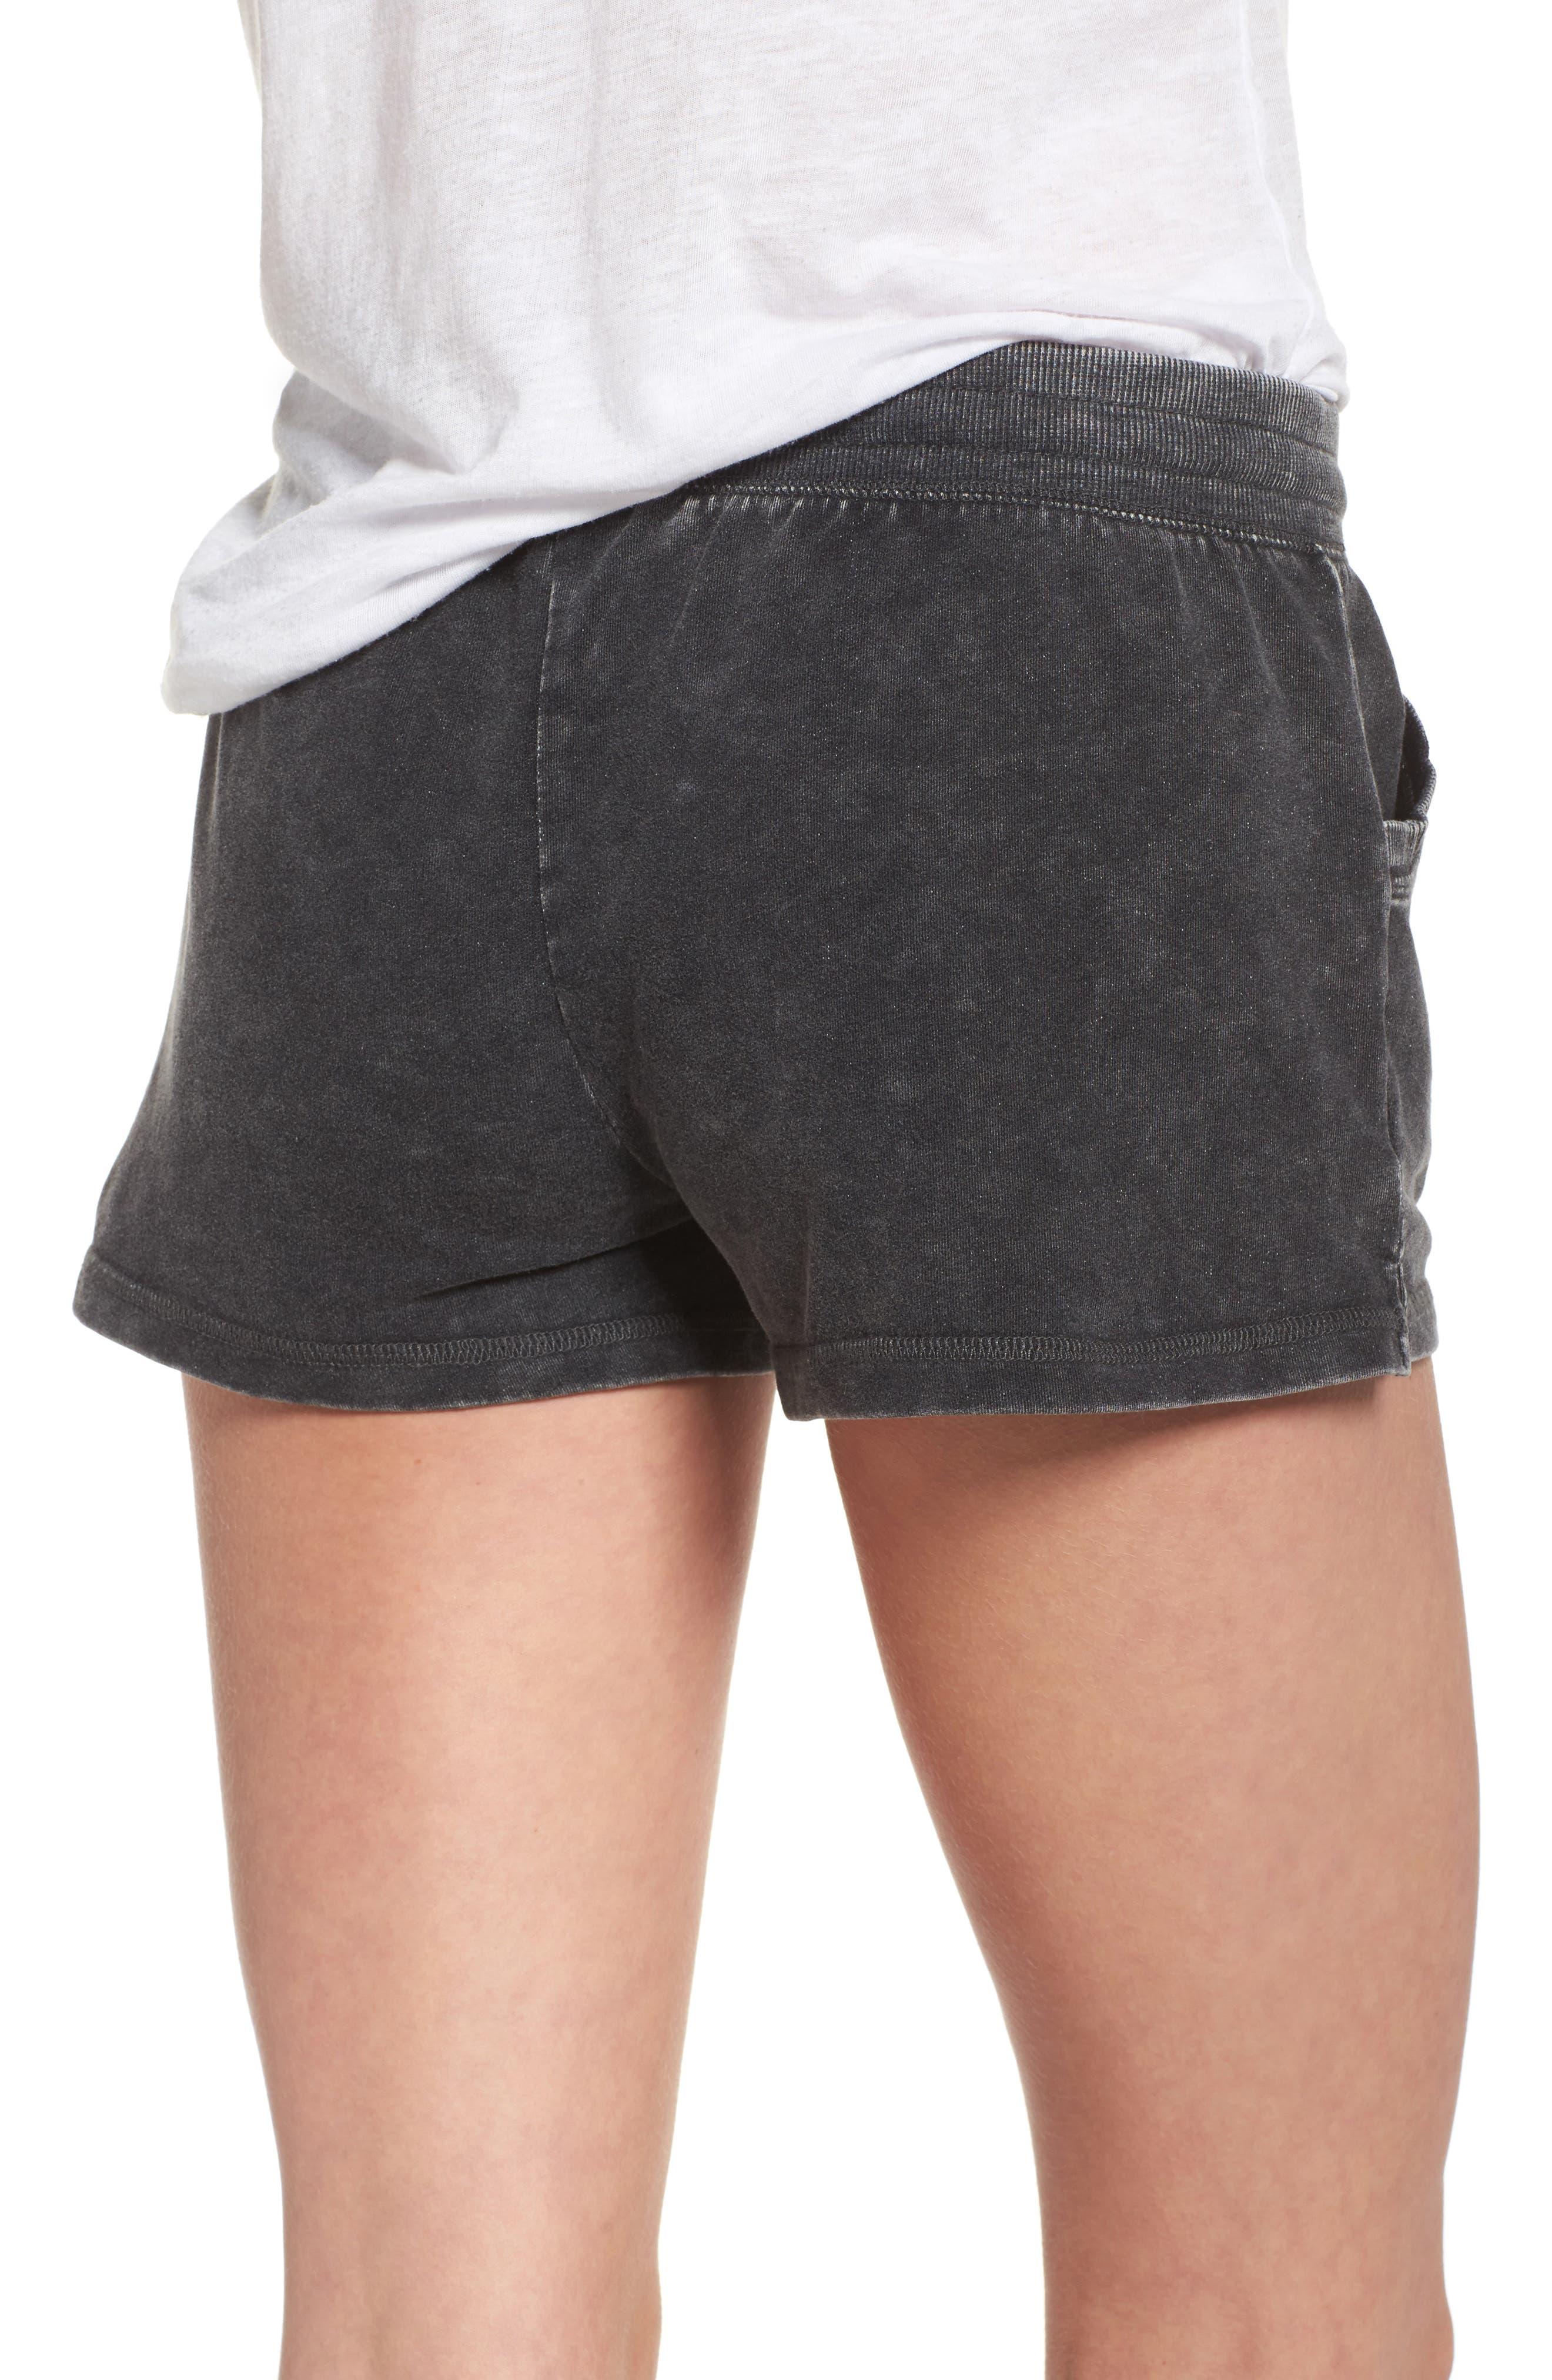 Lounge Shorts,                             Alternate thumbnail 2, color,                             Black